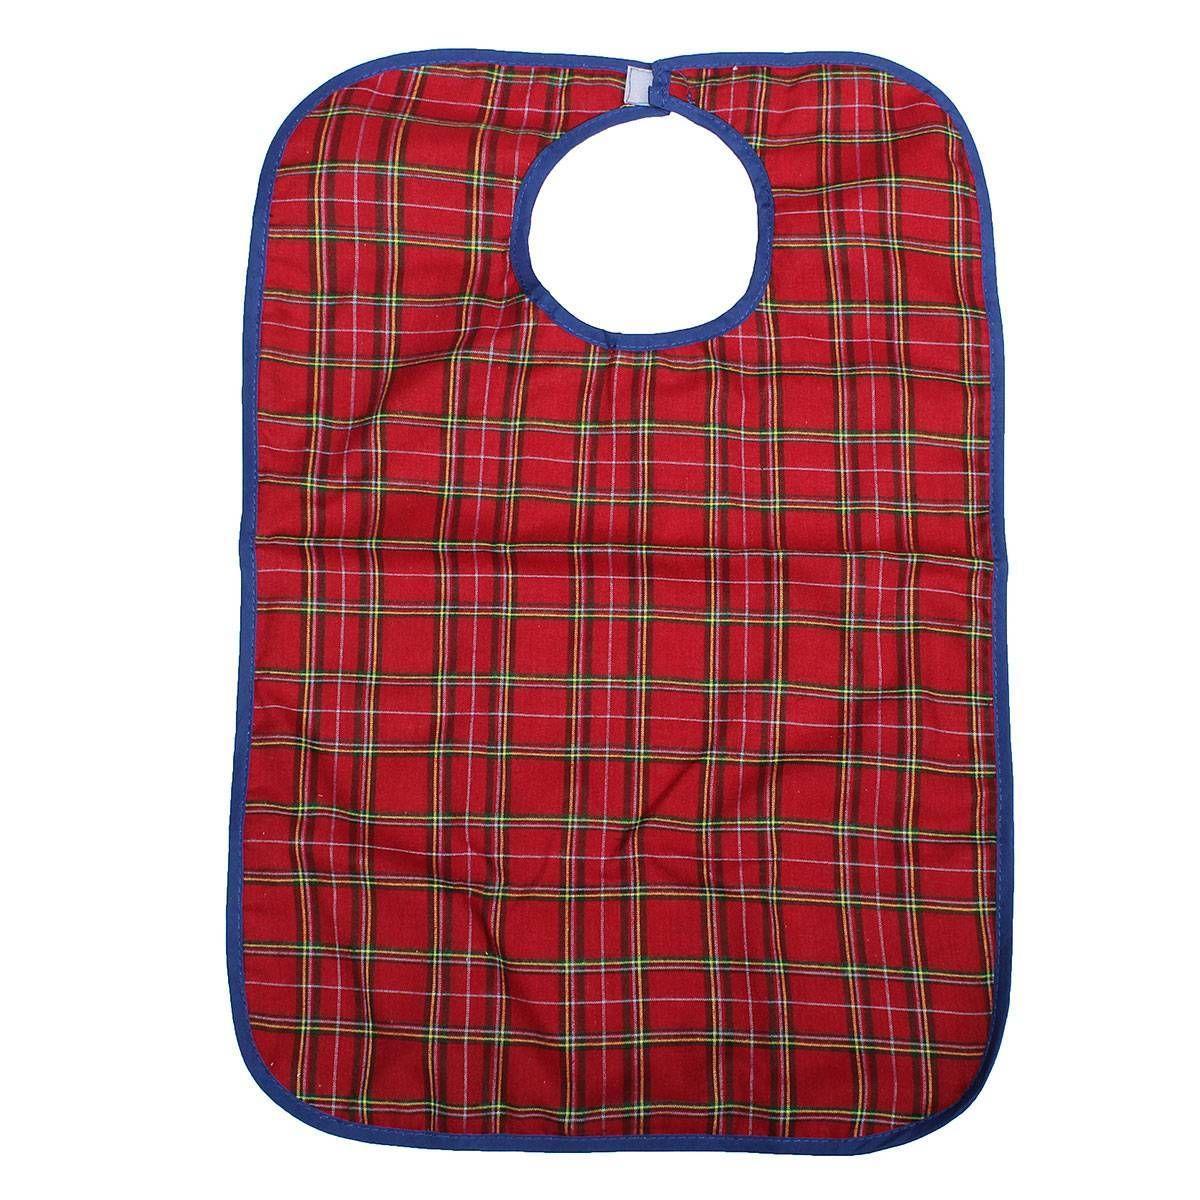 Большие непромокаемые нагрудники для взрослых, одежда для инвалидов, кухонный фартук, вечерние защитный фартук